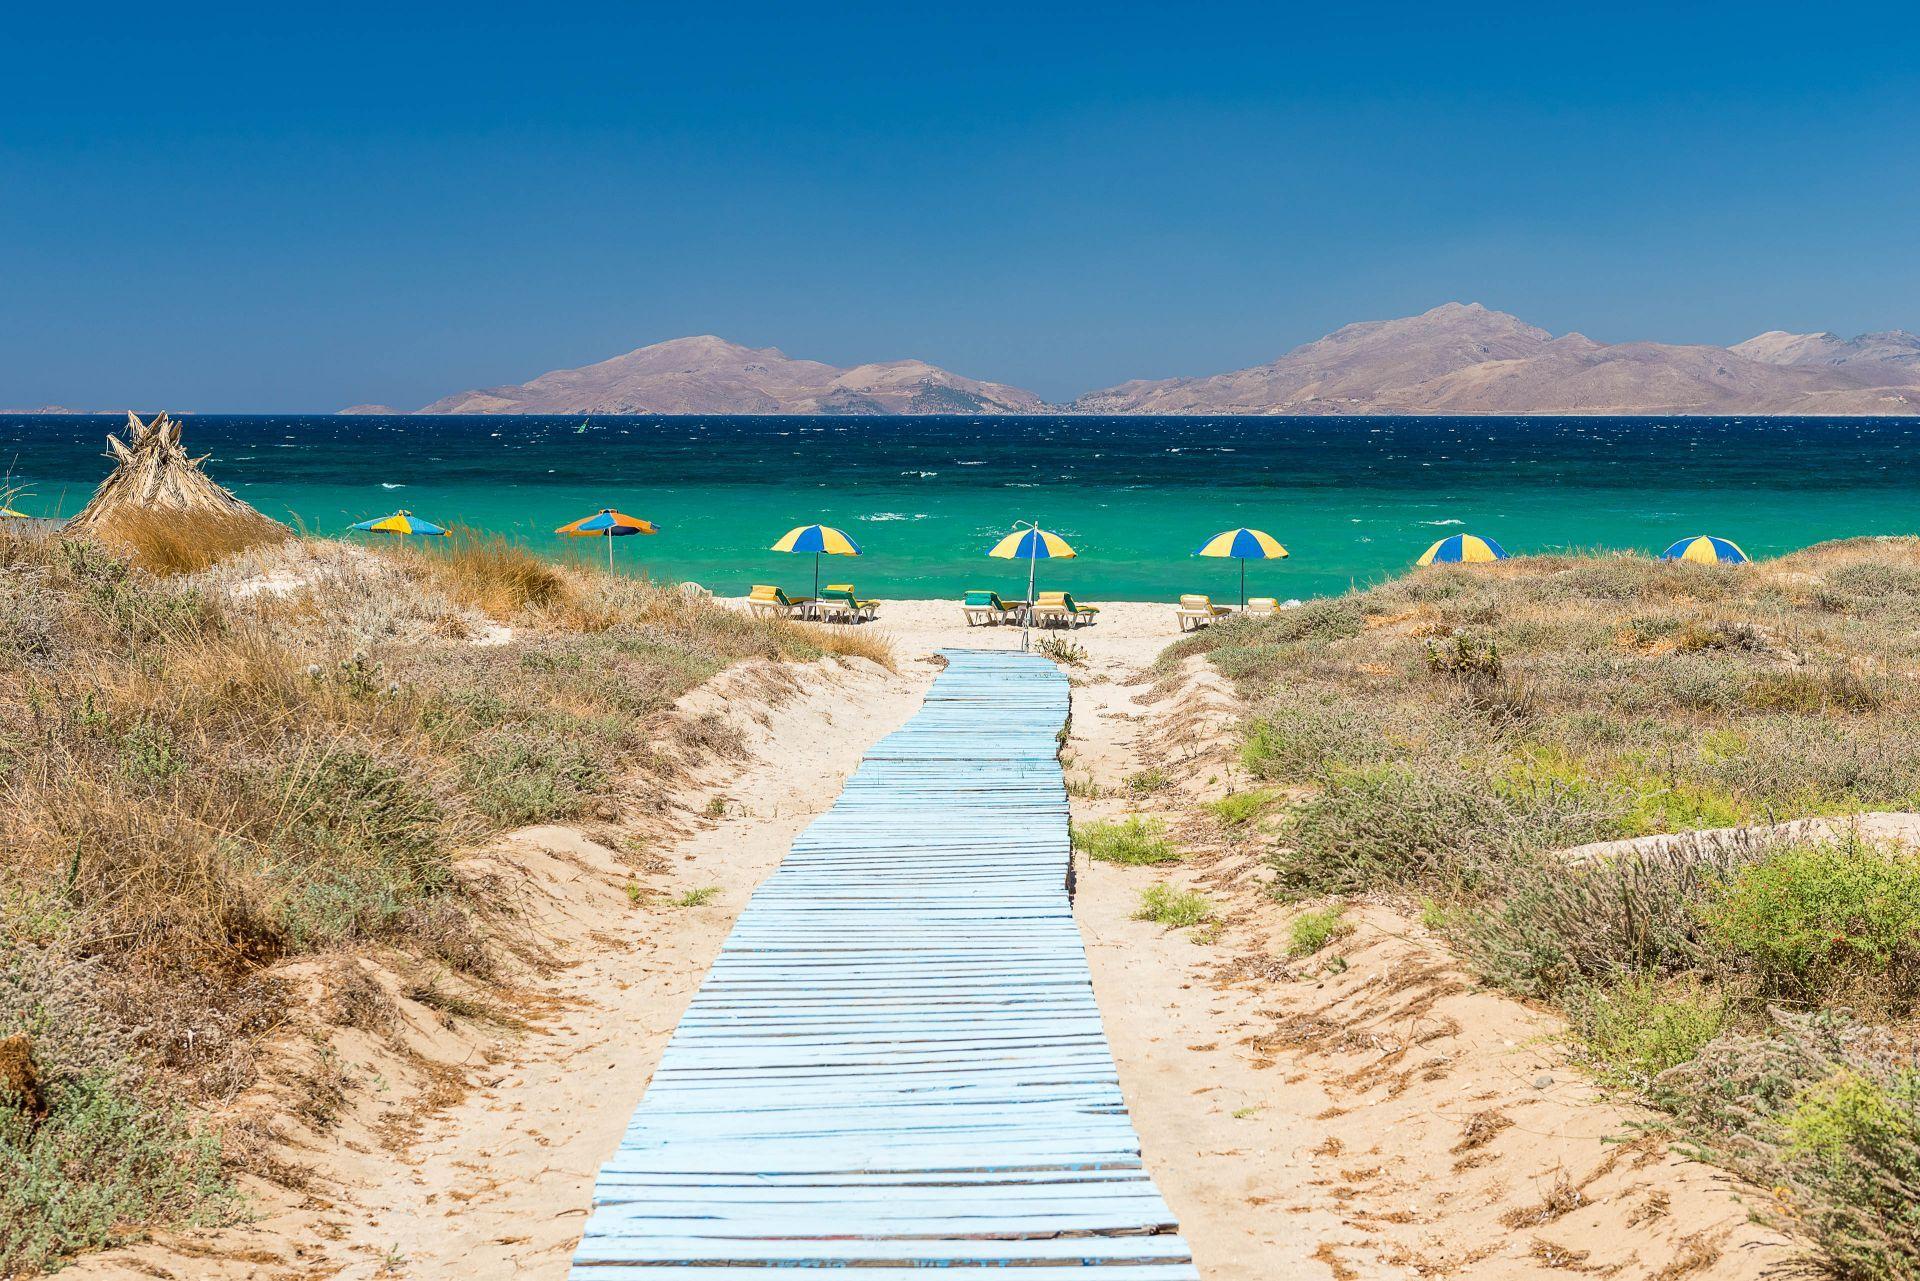 Kos island: Beaches